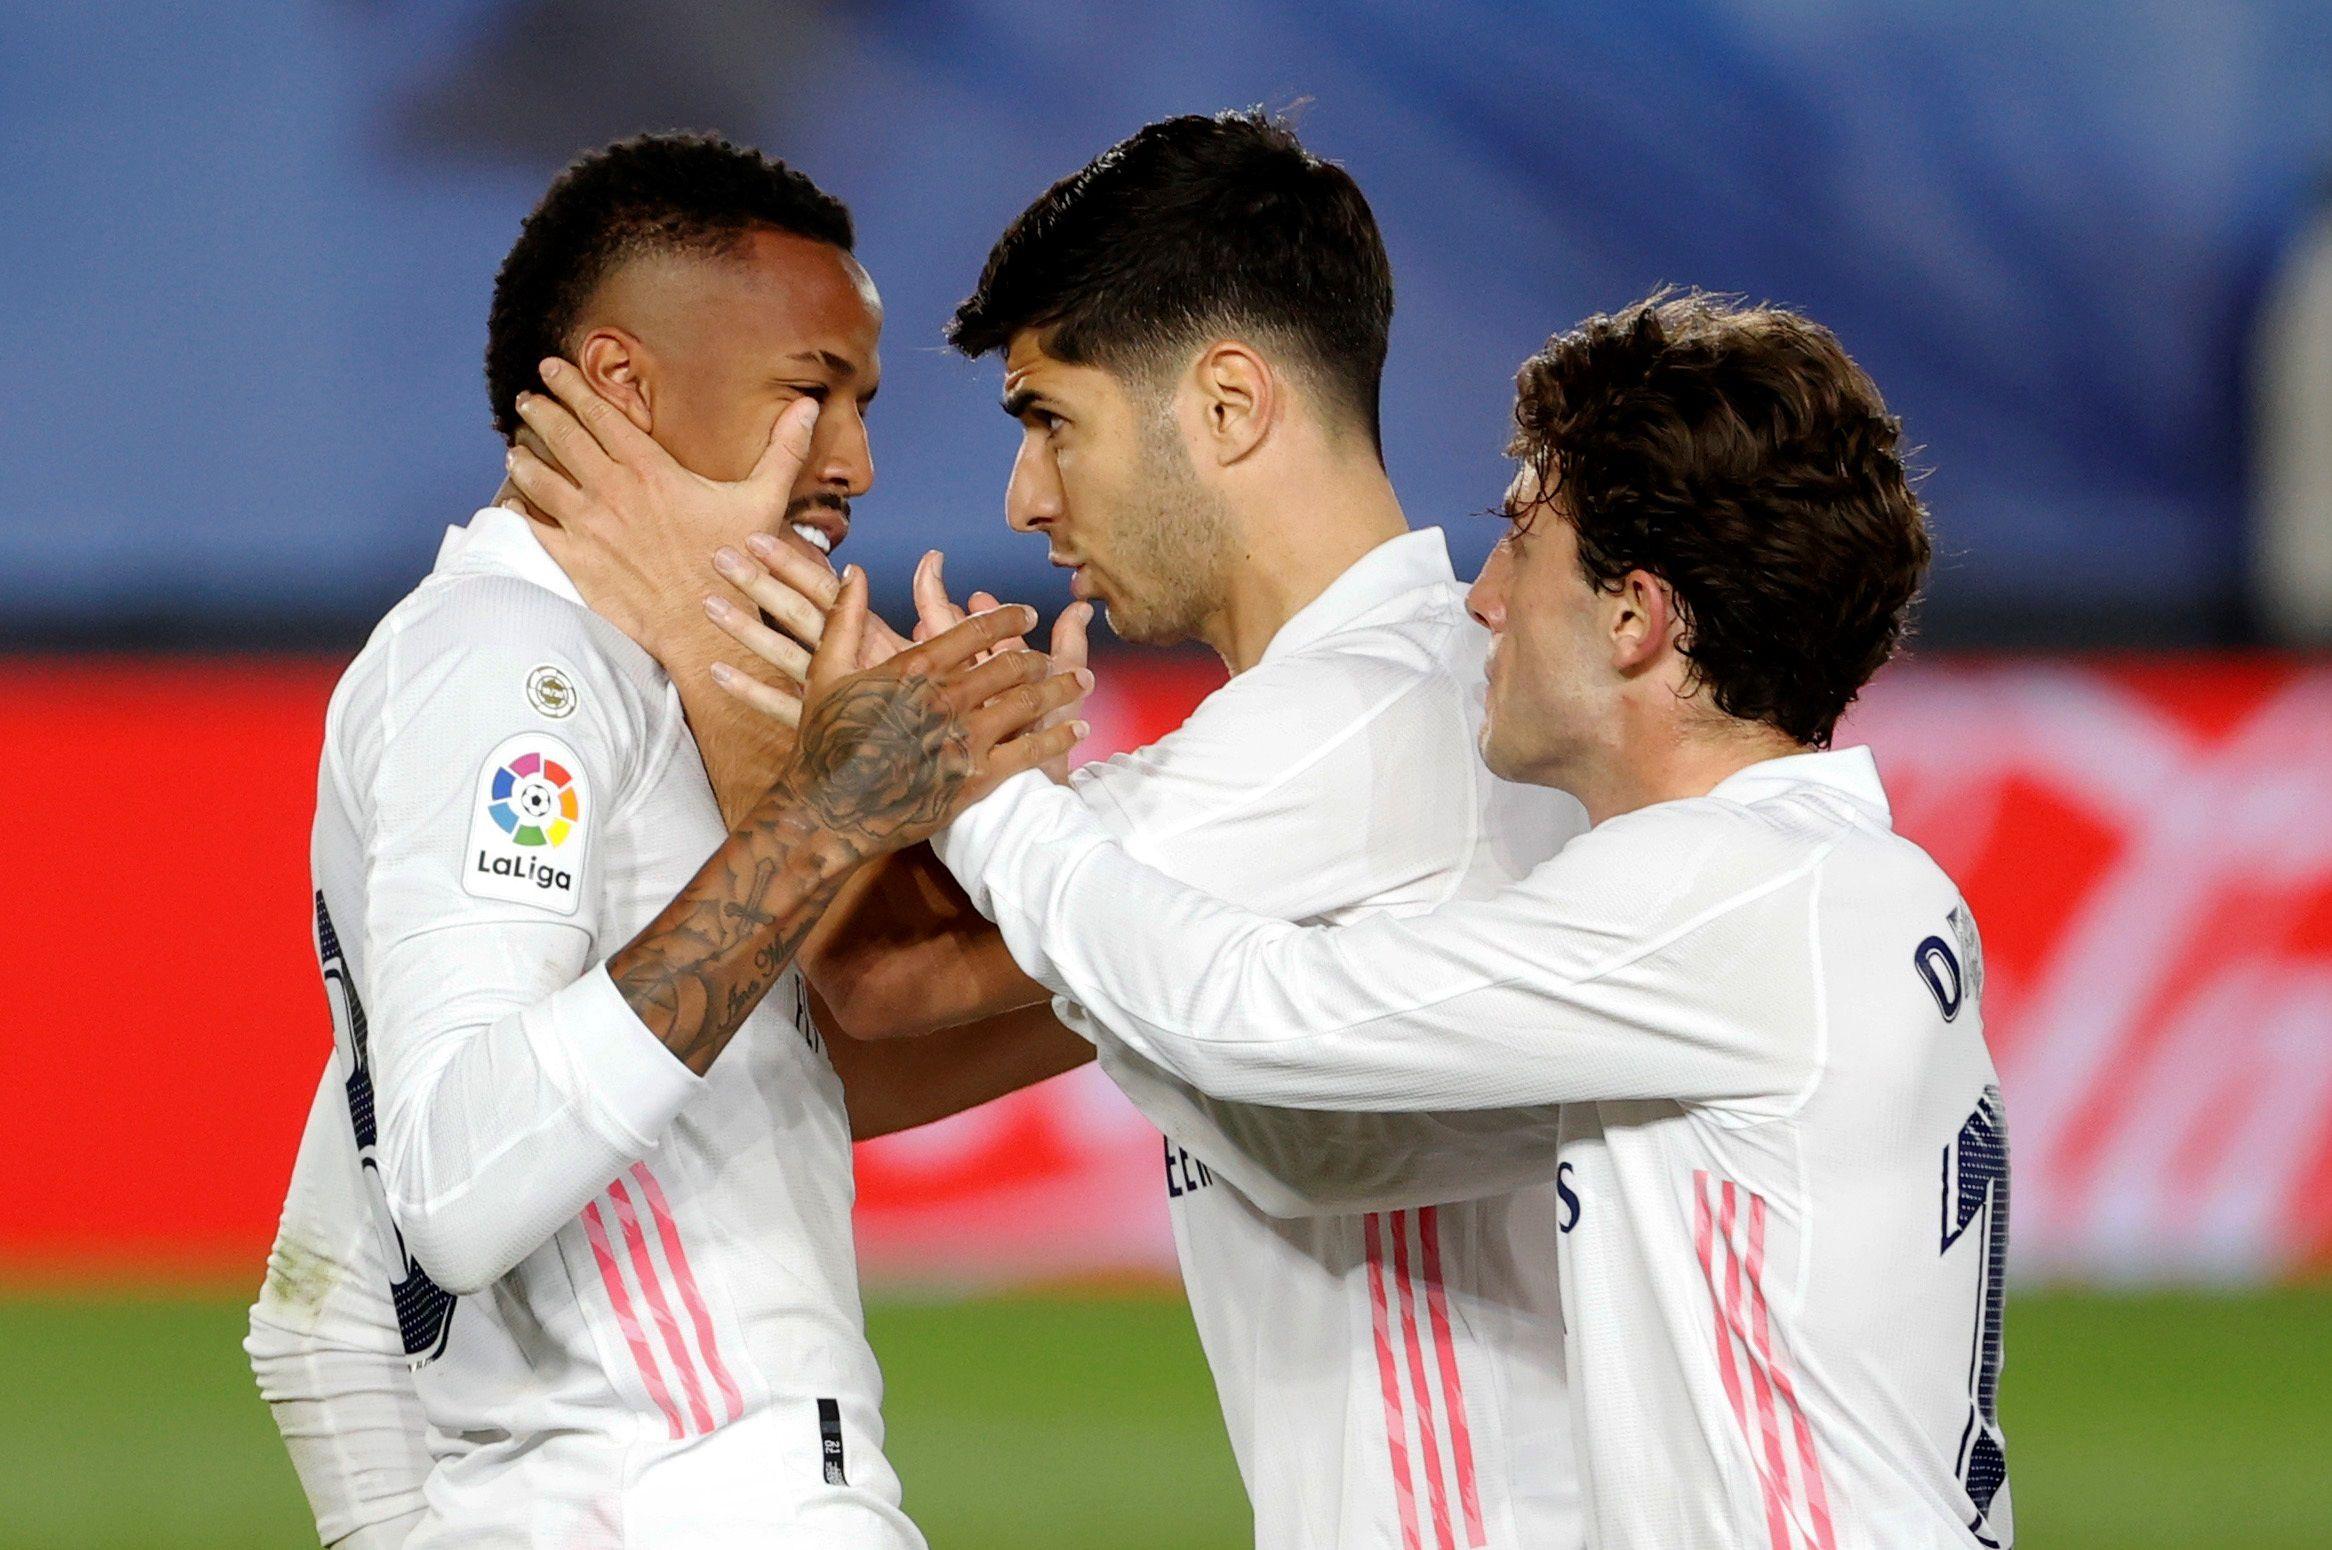 Real Madrid visita al Bilbao en San Mamés (Efe)